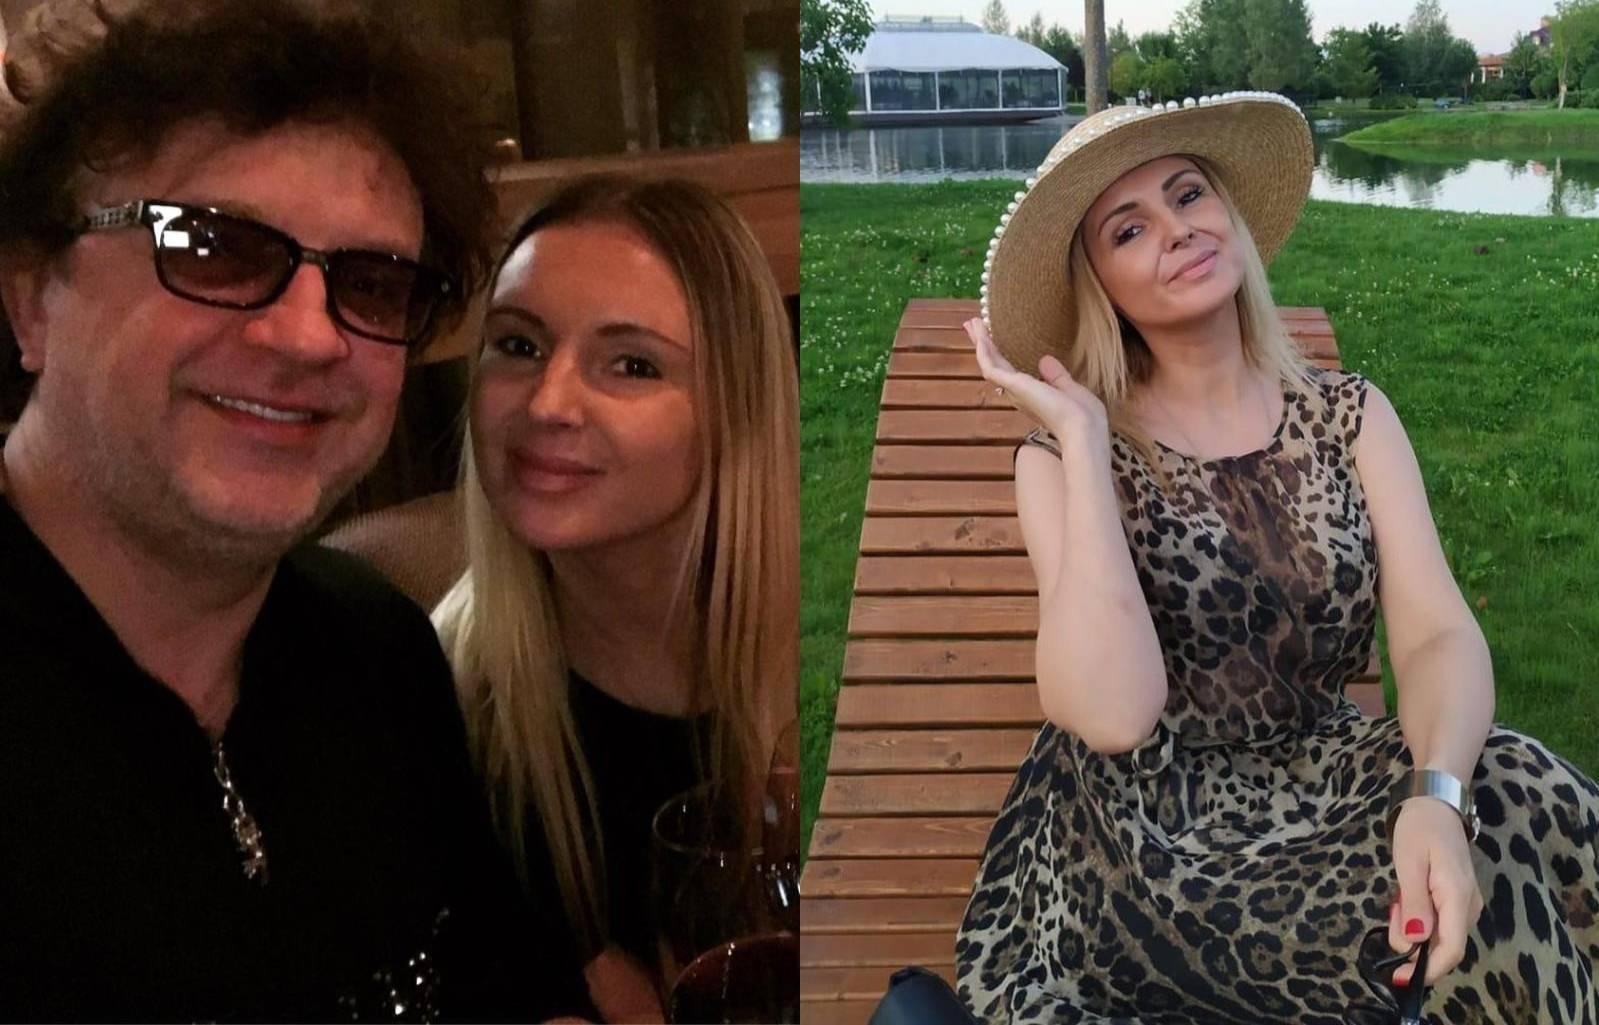 Роман Жуков и Елена Жукова. Фото © Instagram / elenazhukova_official, zhukovroma_official